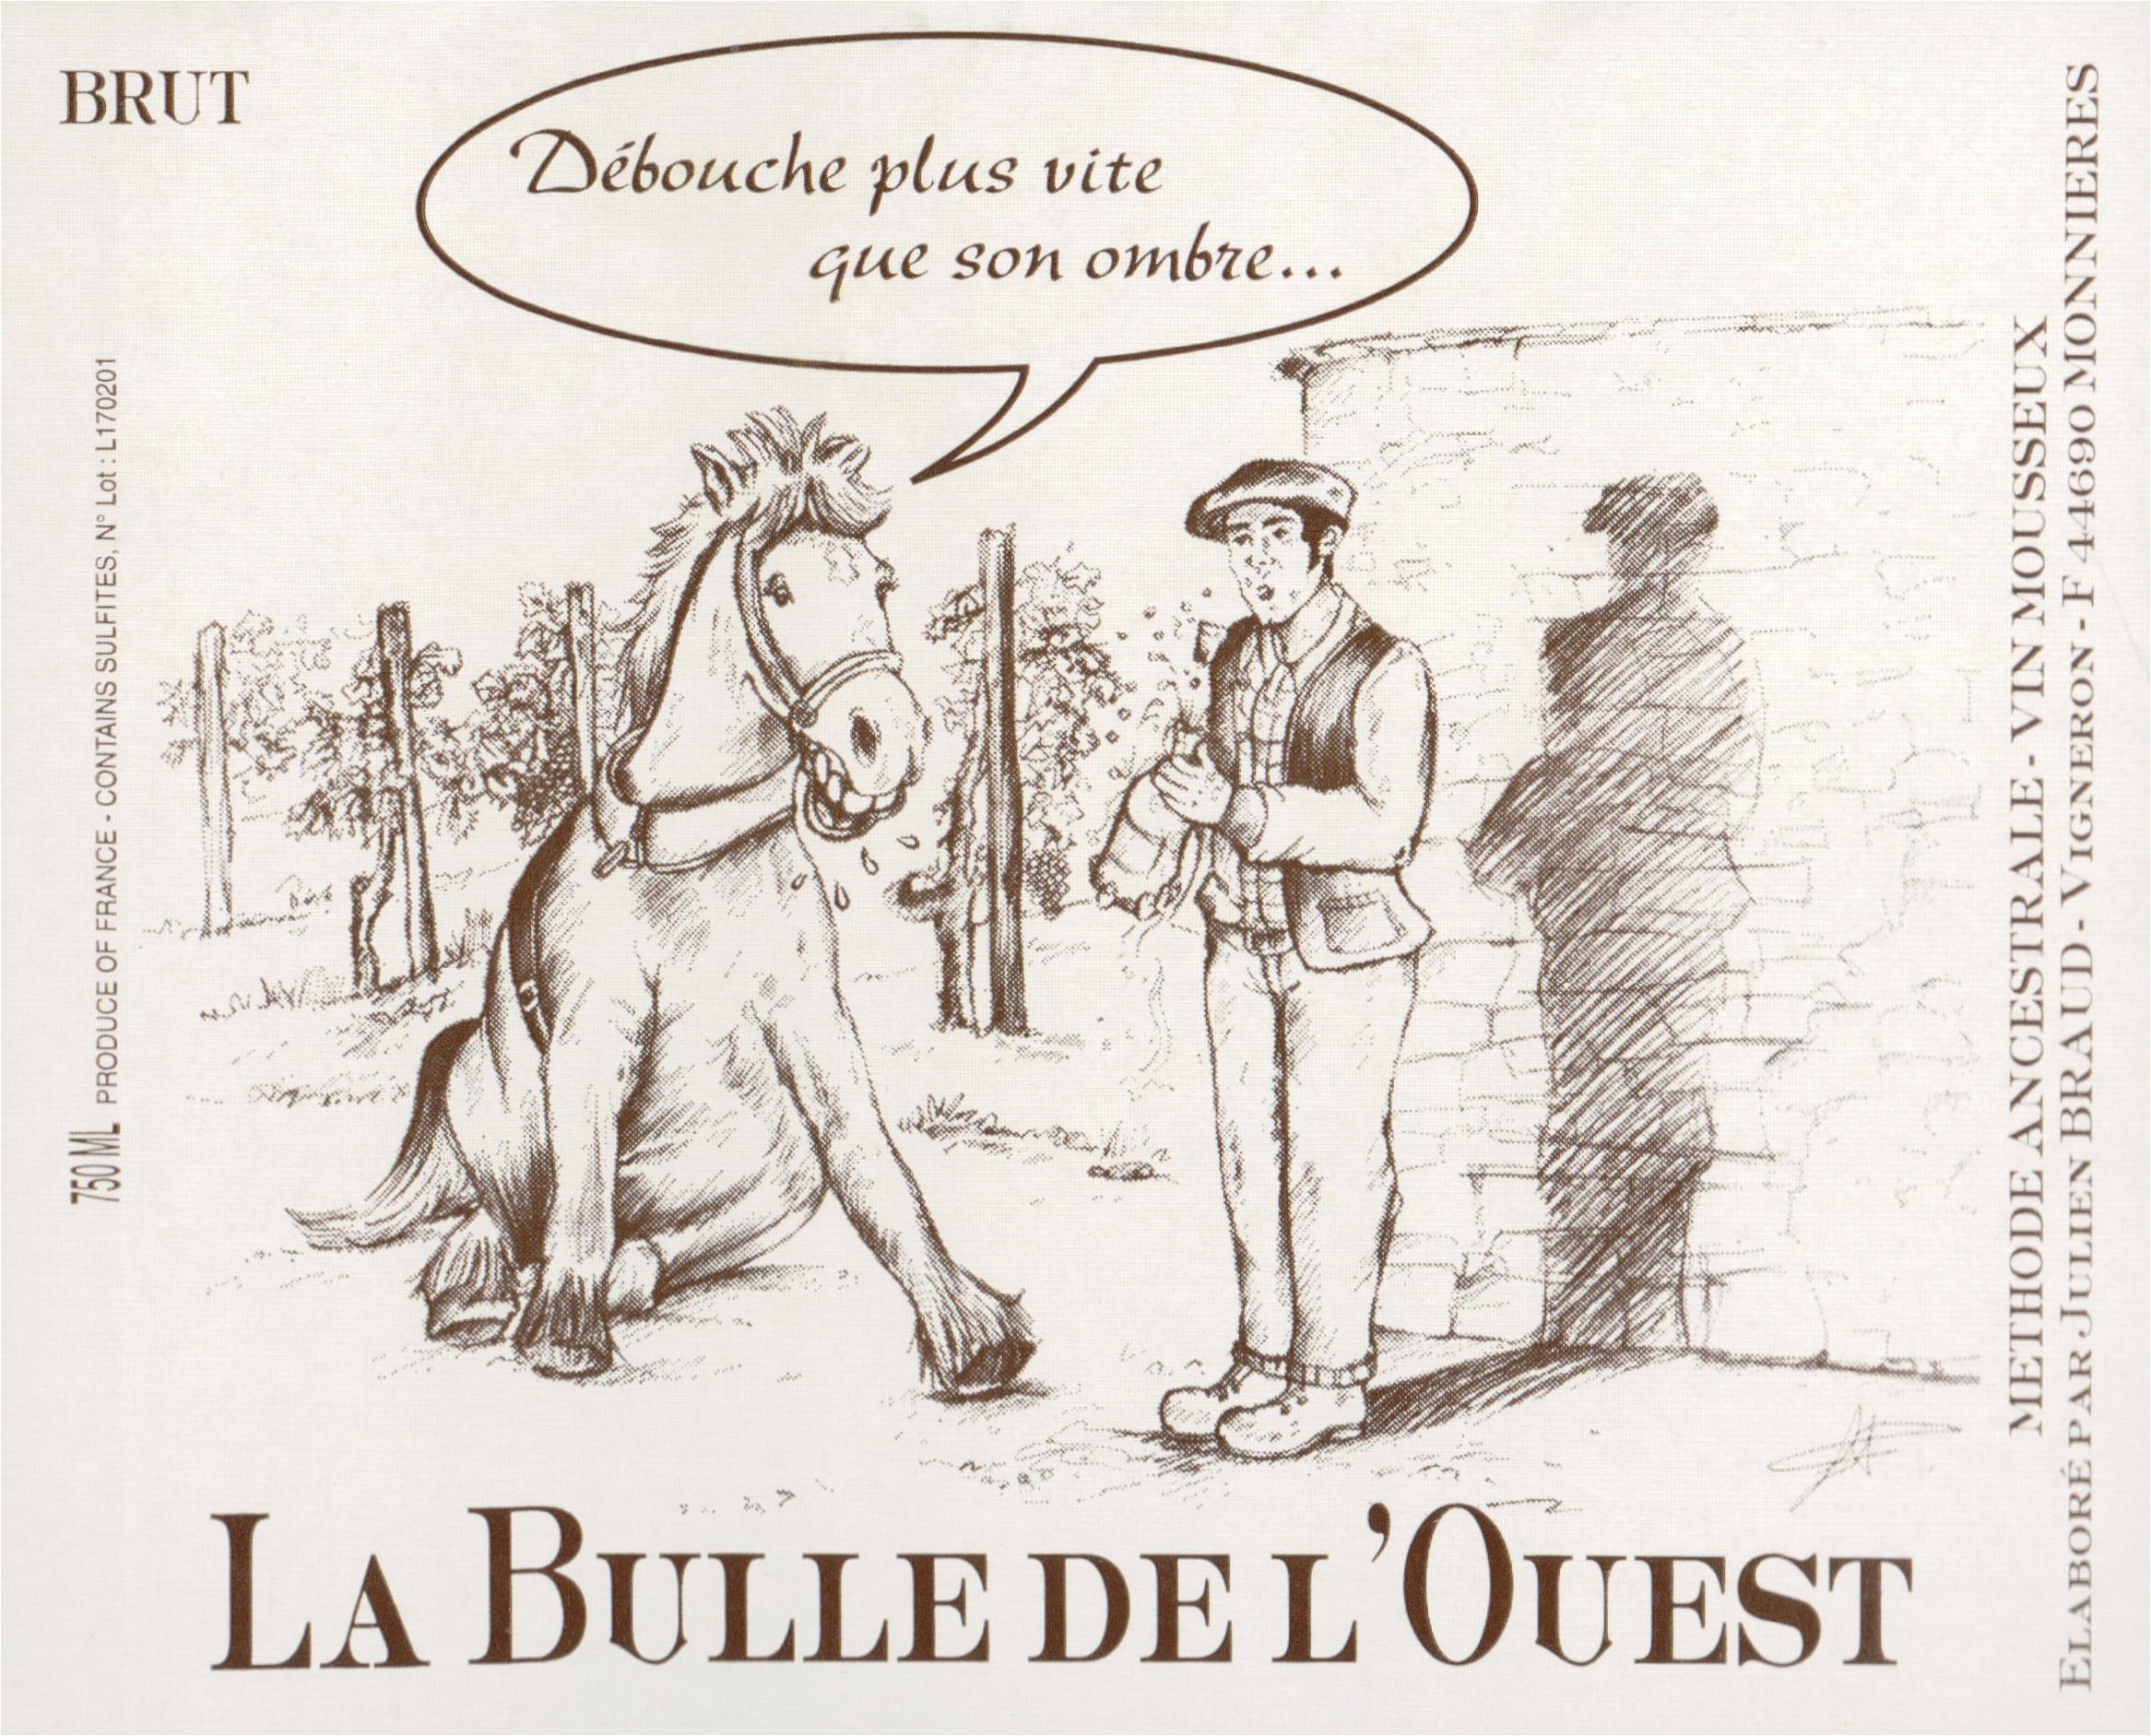 Julien Braud La Bulle De Louest Brut 750ml